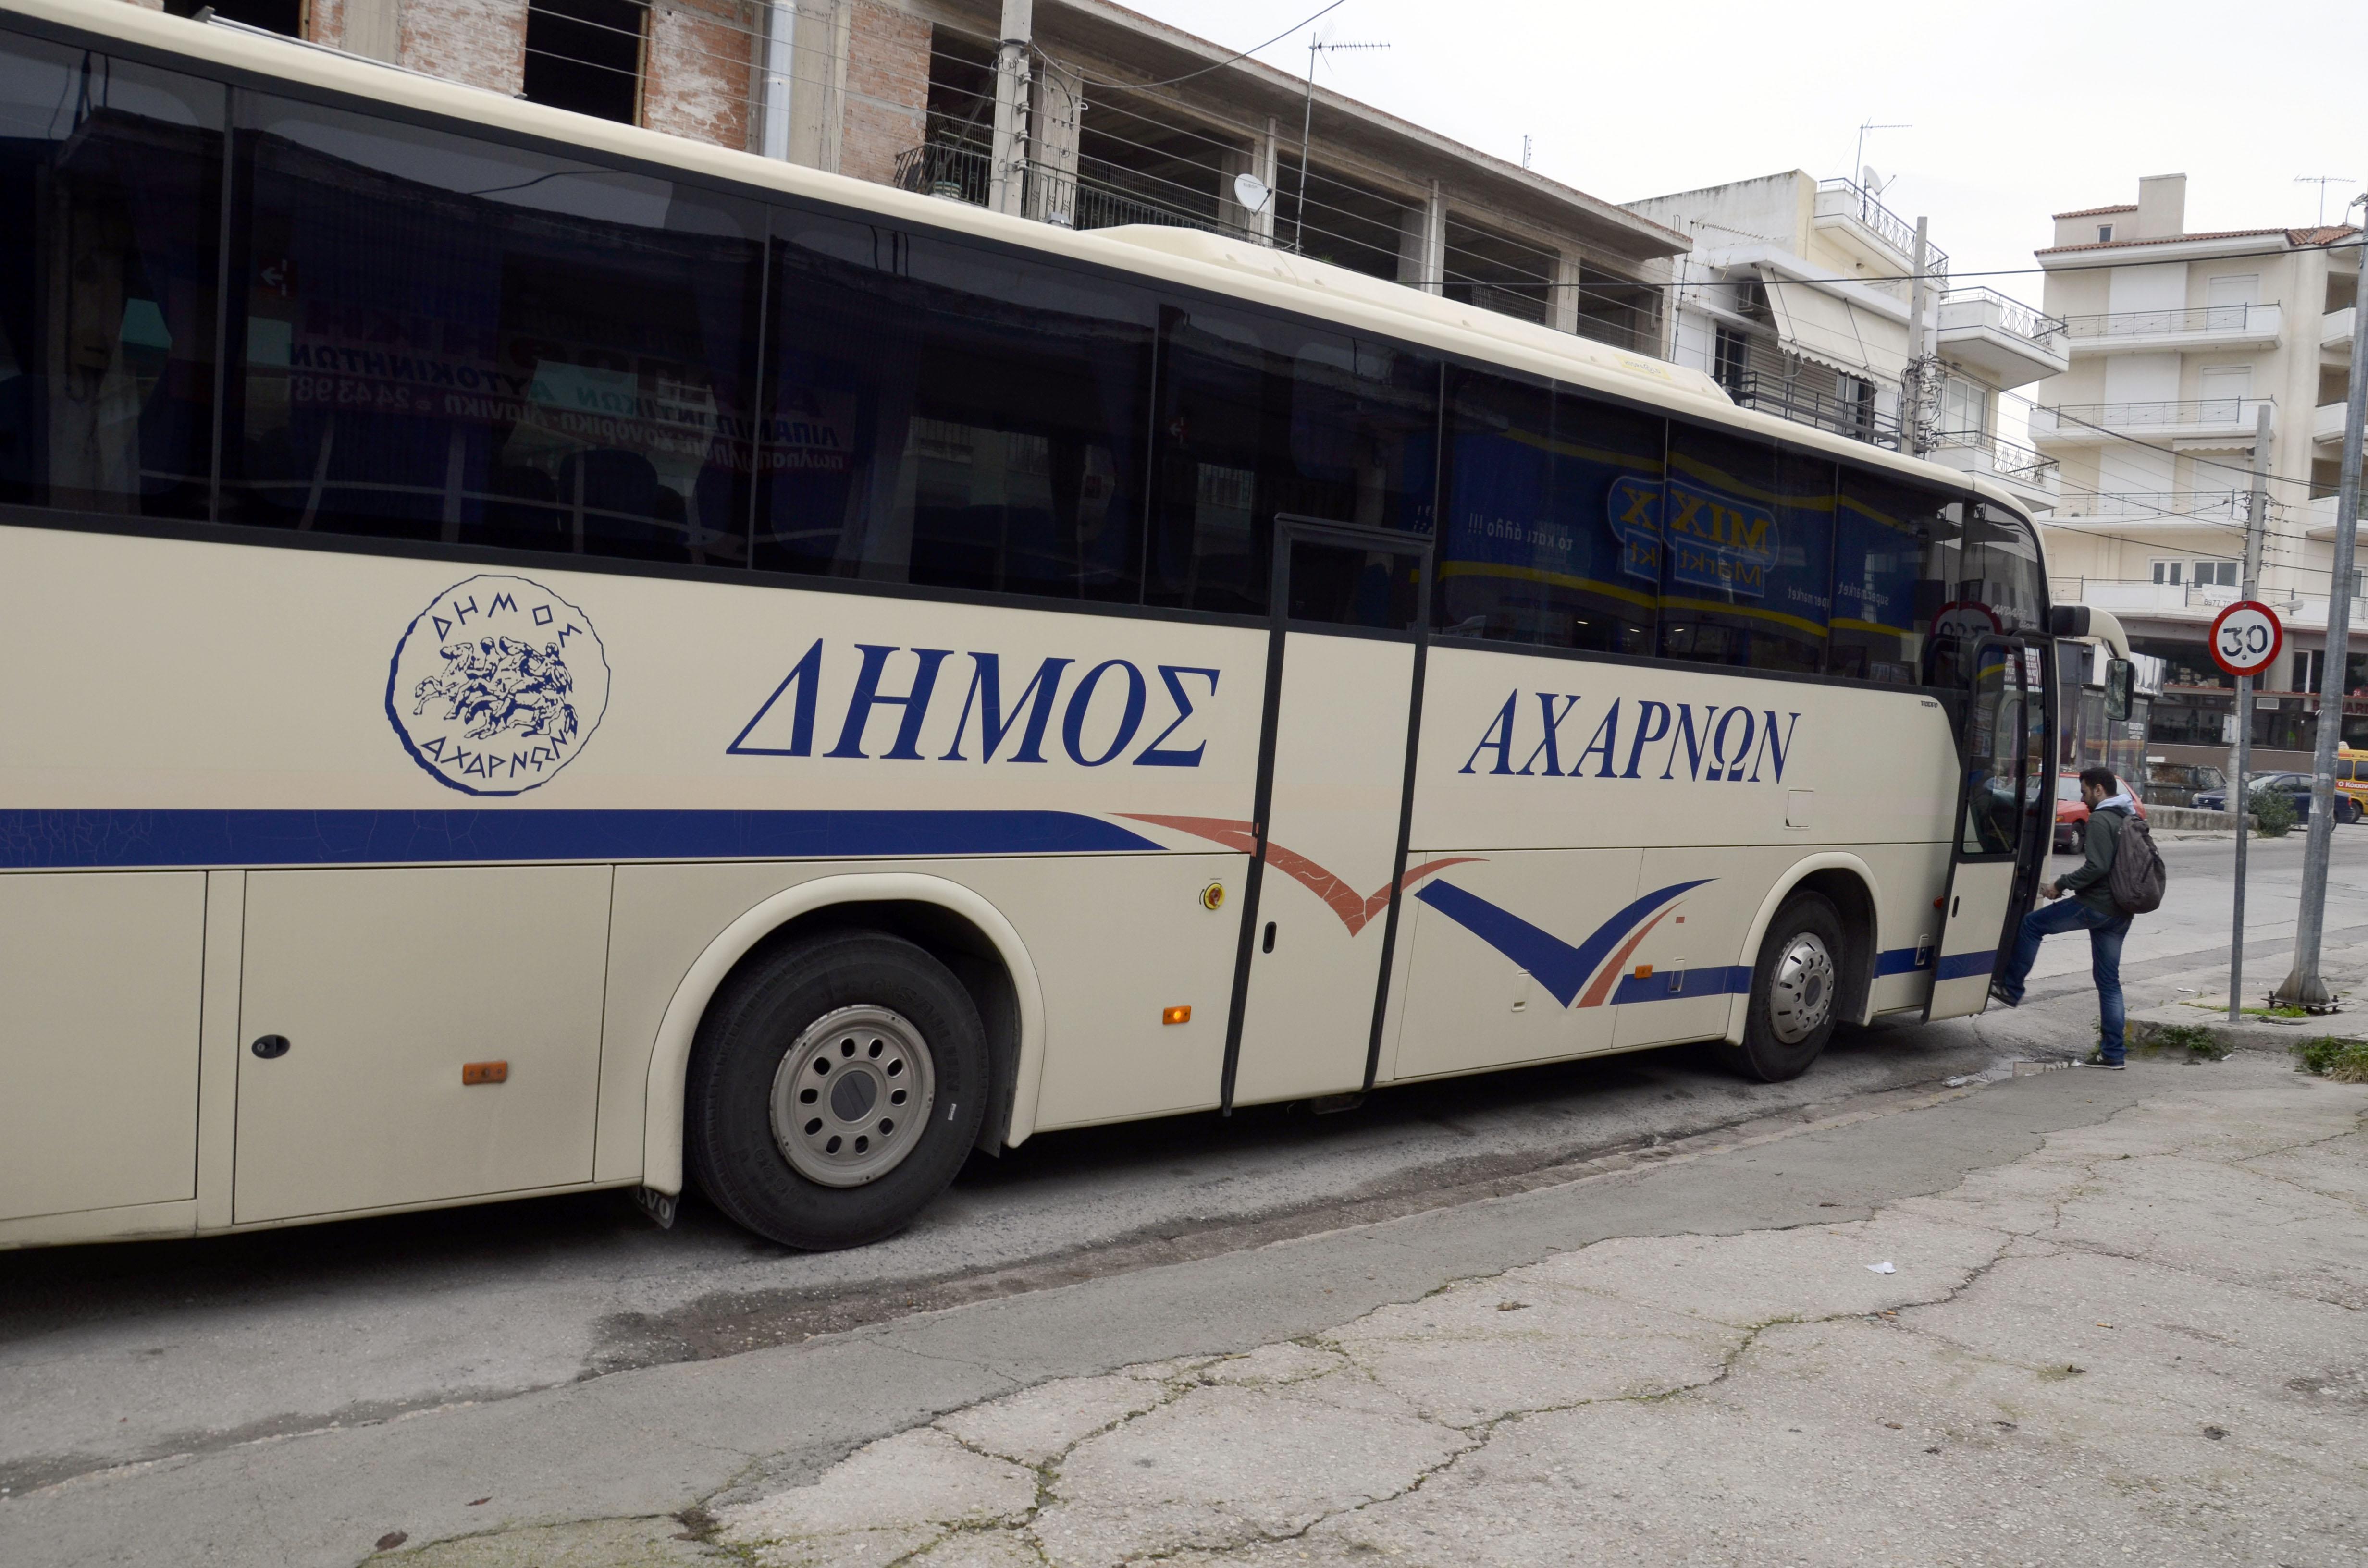 Εξαιρετική ανταπόκριση η δωρεάν μετακίνηση φοιτητών από το Δήμο Αχαρνών